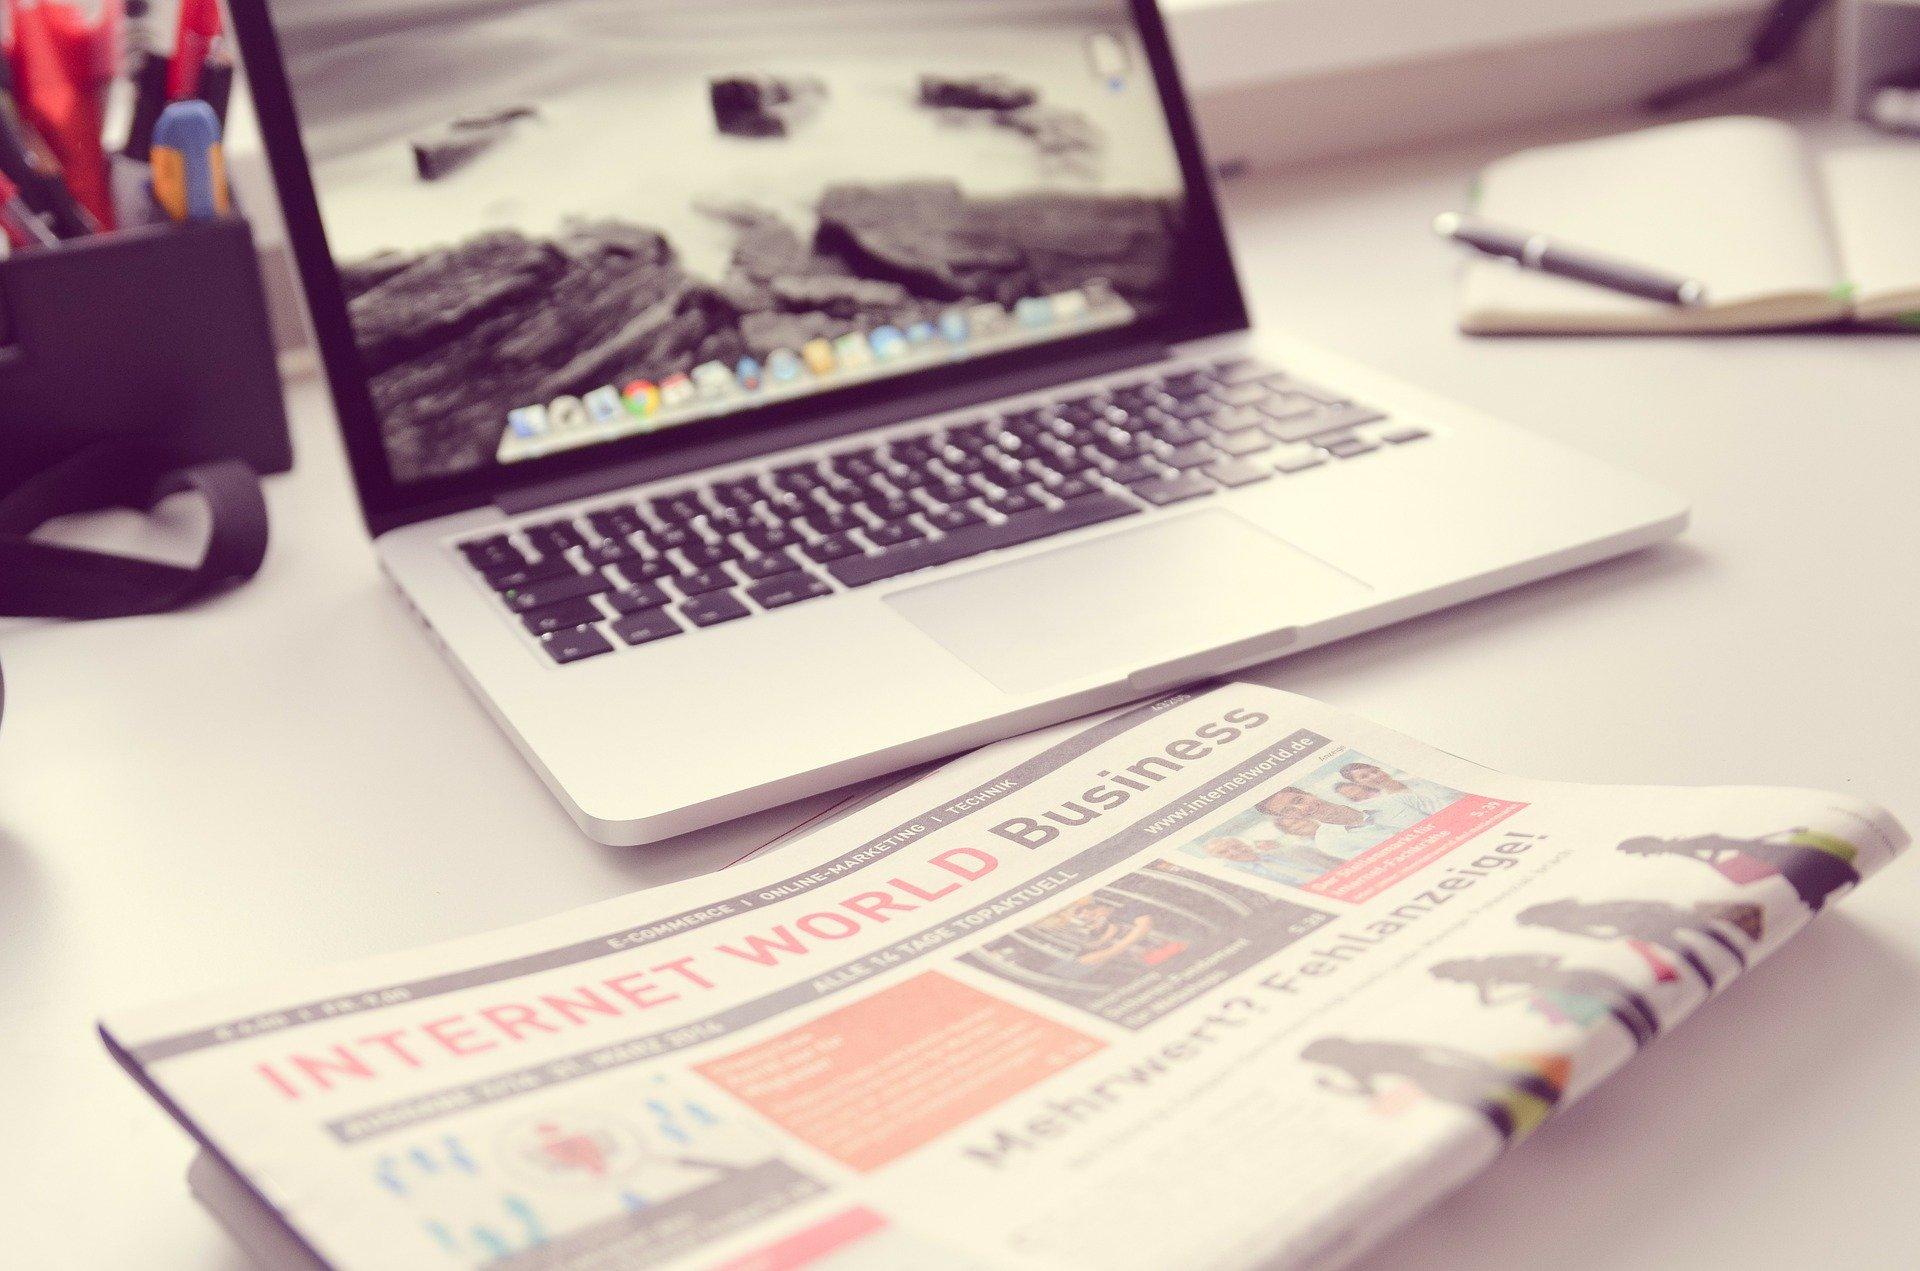 人事メディア「何を読んでどう活かせばいいの?」を解決!〜メディアの選び方と業務での活用法を紹介〜